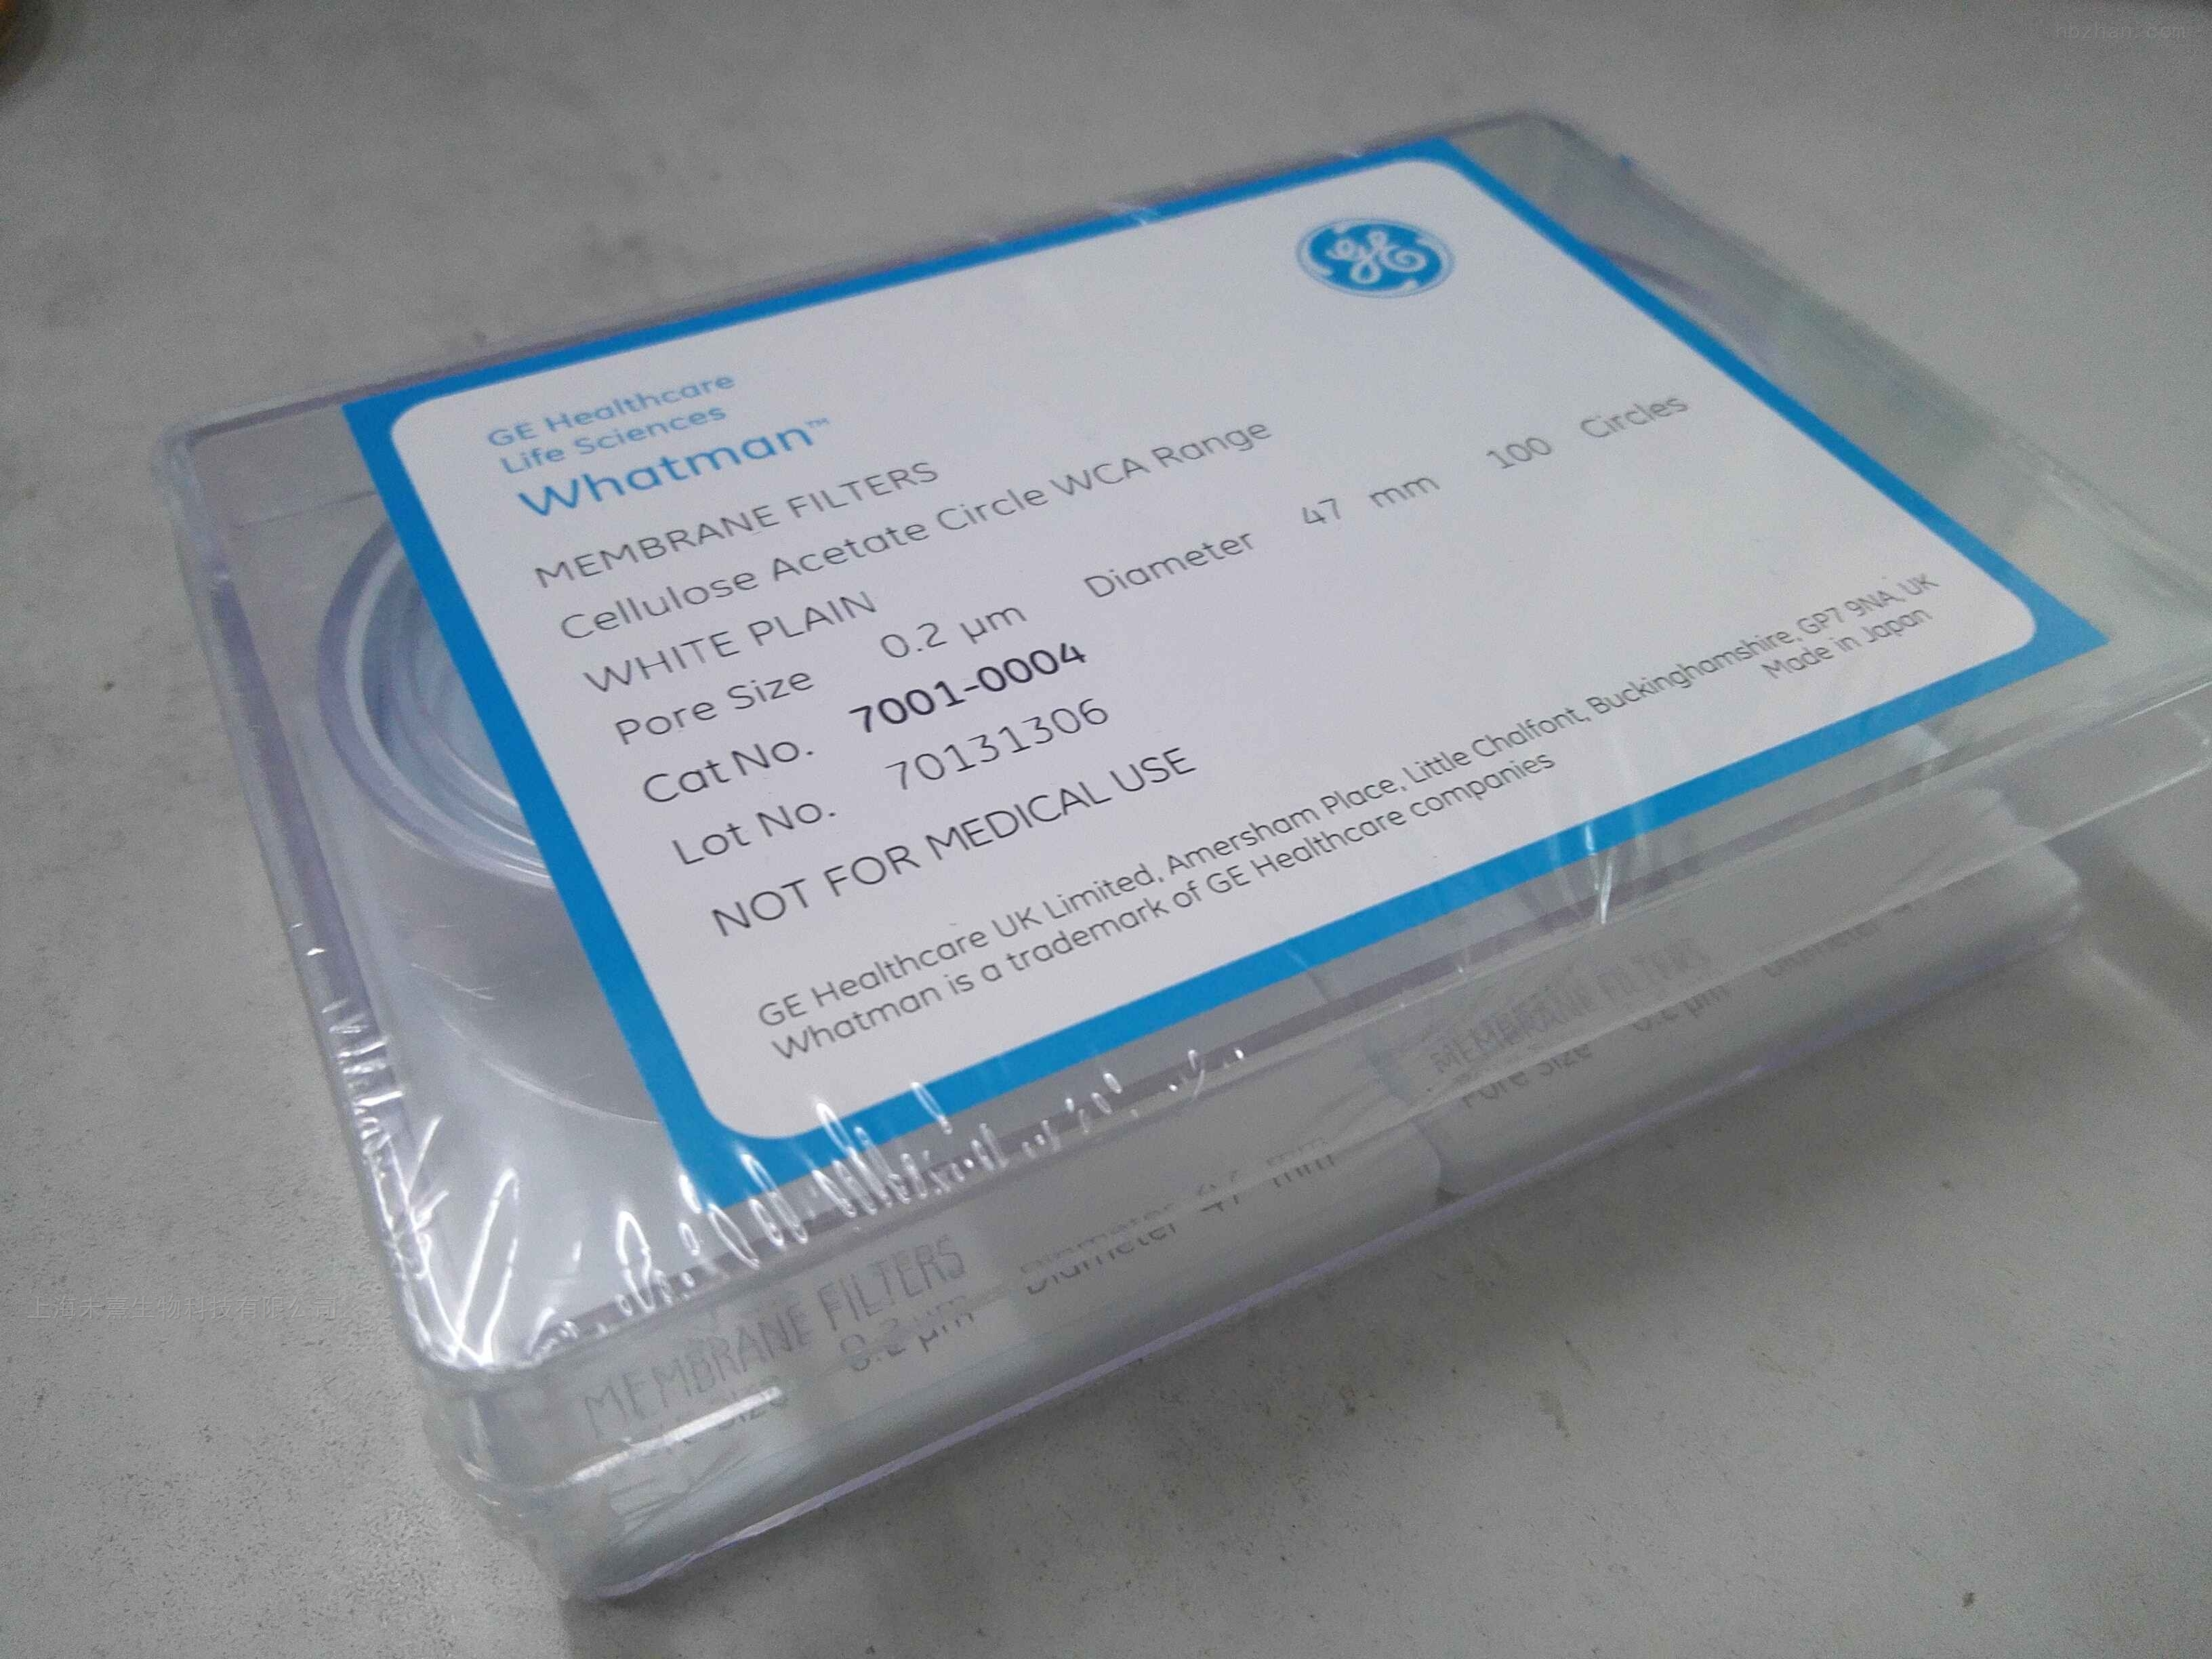 沃特曼whatman微孔醋酸纤维素膜0.2um滤膜